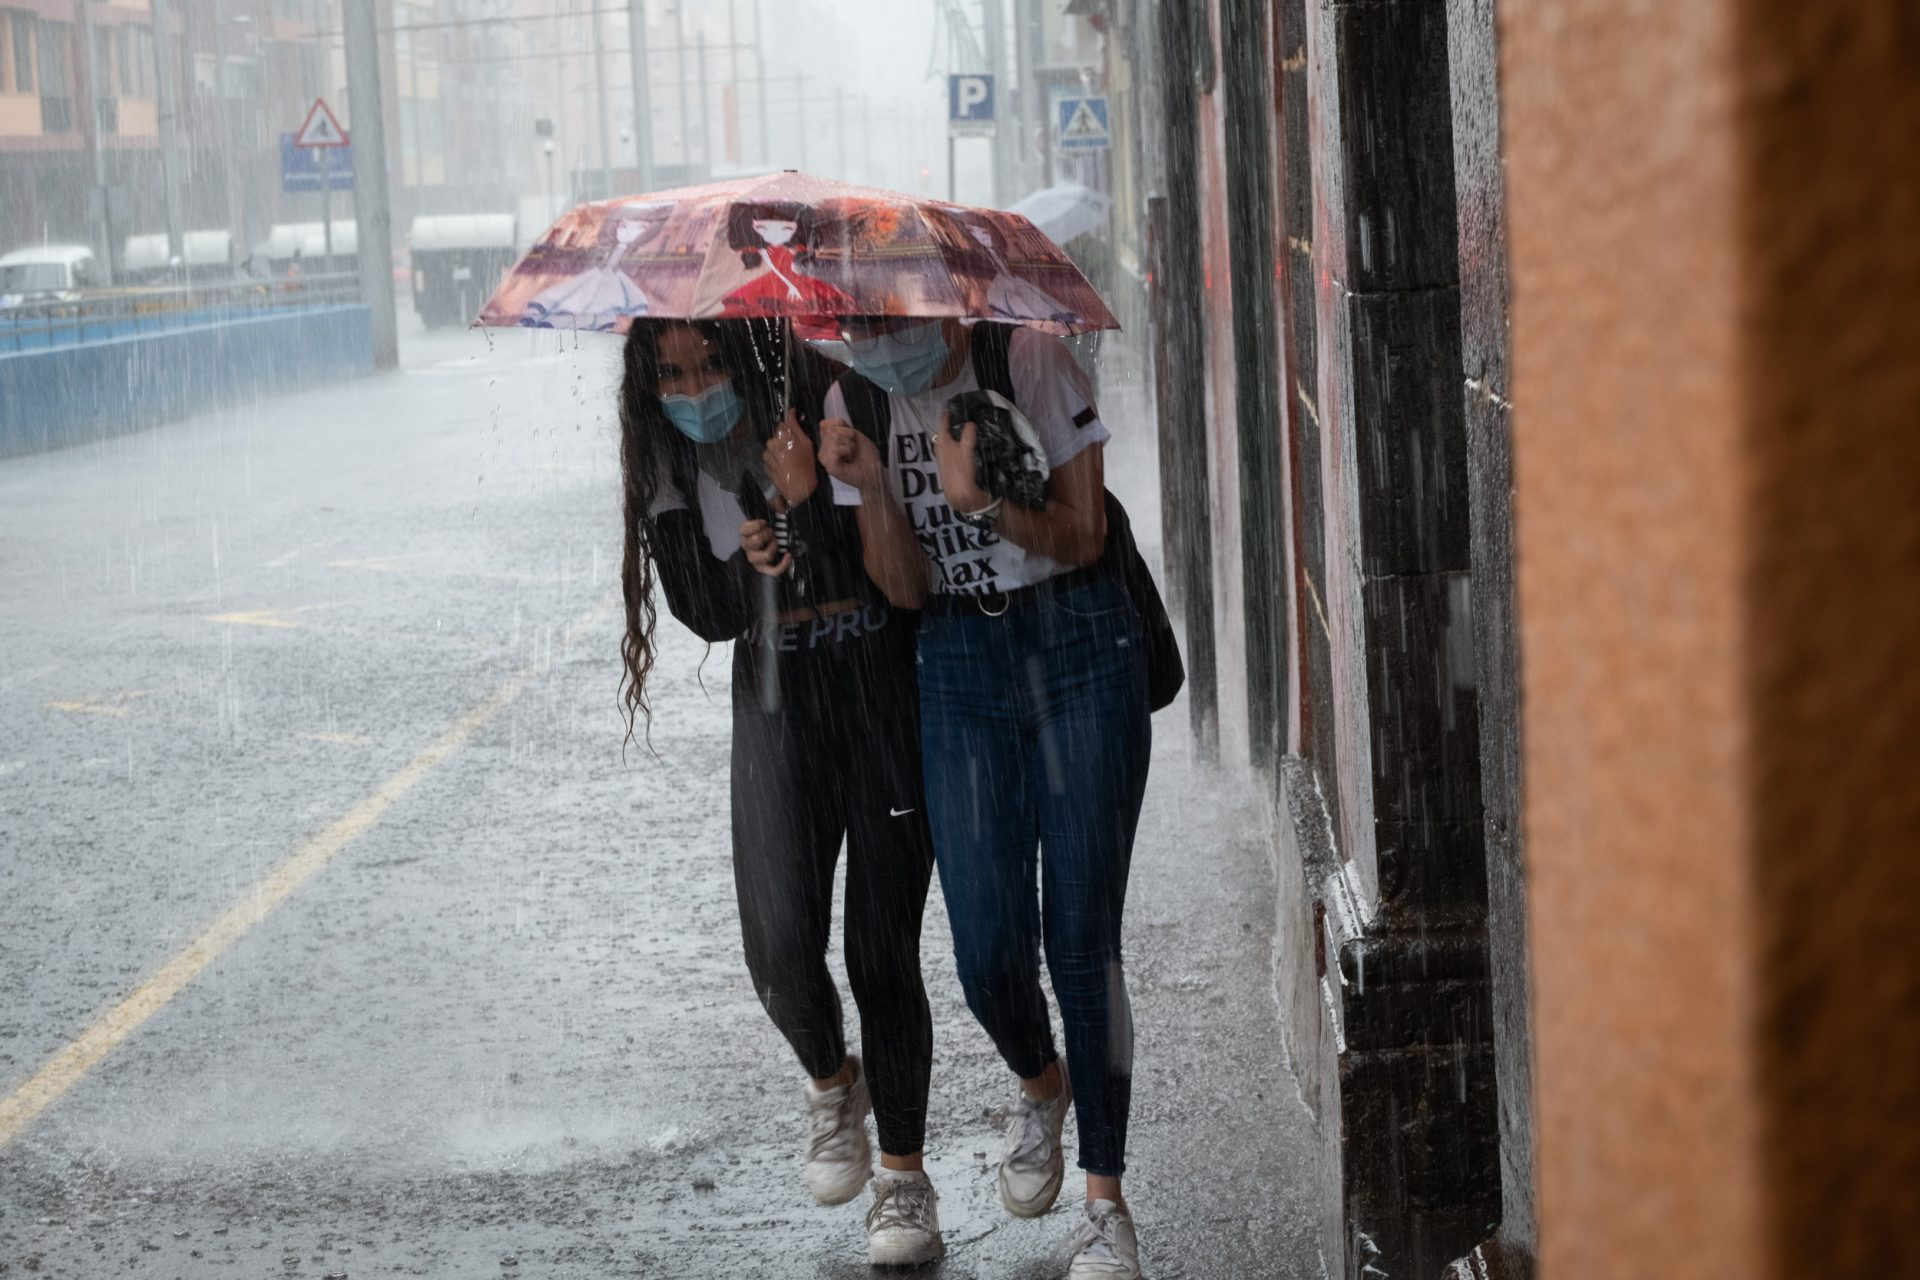 Las precipitaciones podrían superar los 15 litros de agua en una hora en Lanzarote y Tenerife. FOTO: Fran Pallero